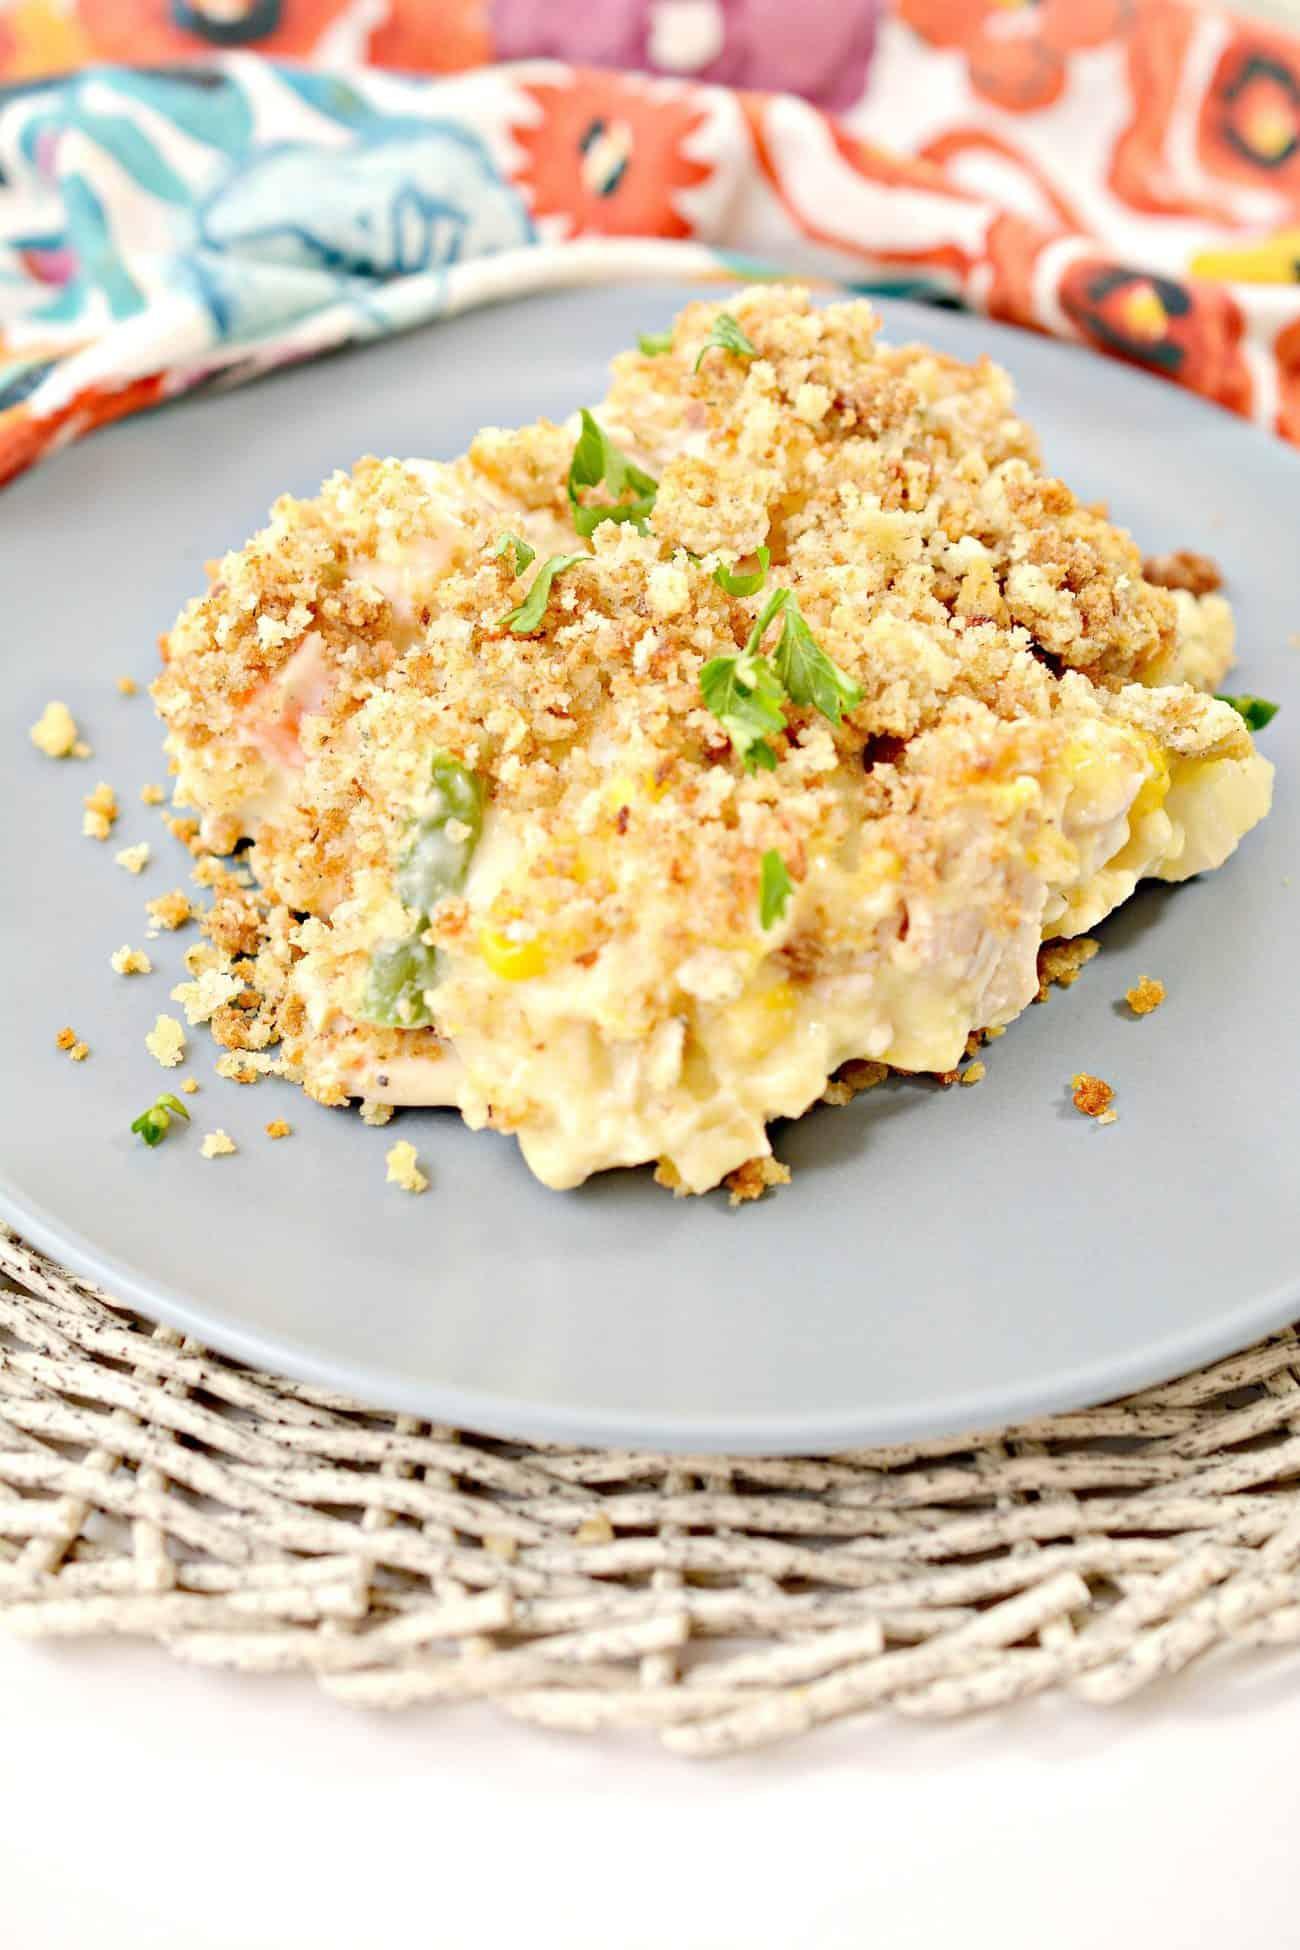 Amazing Chicken Casserole